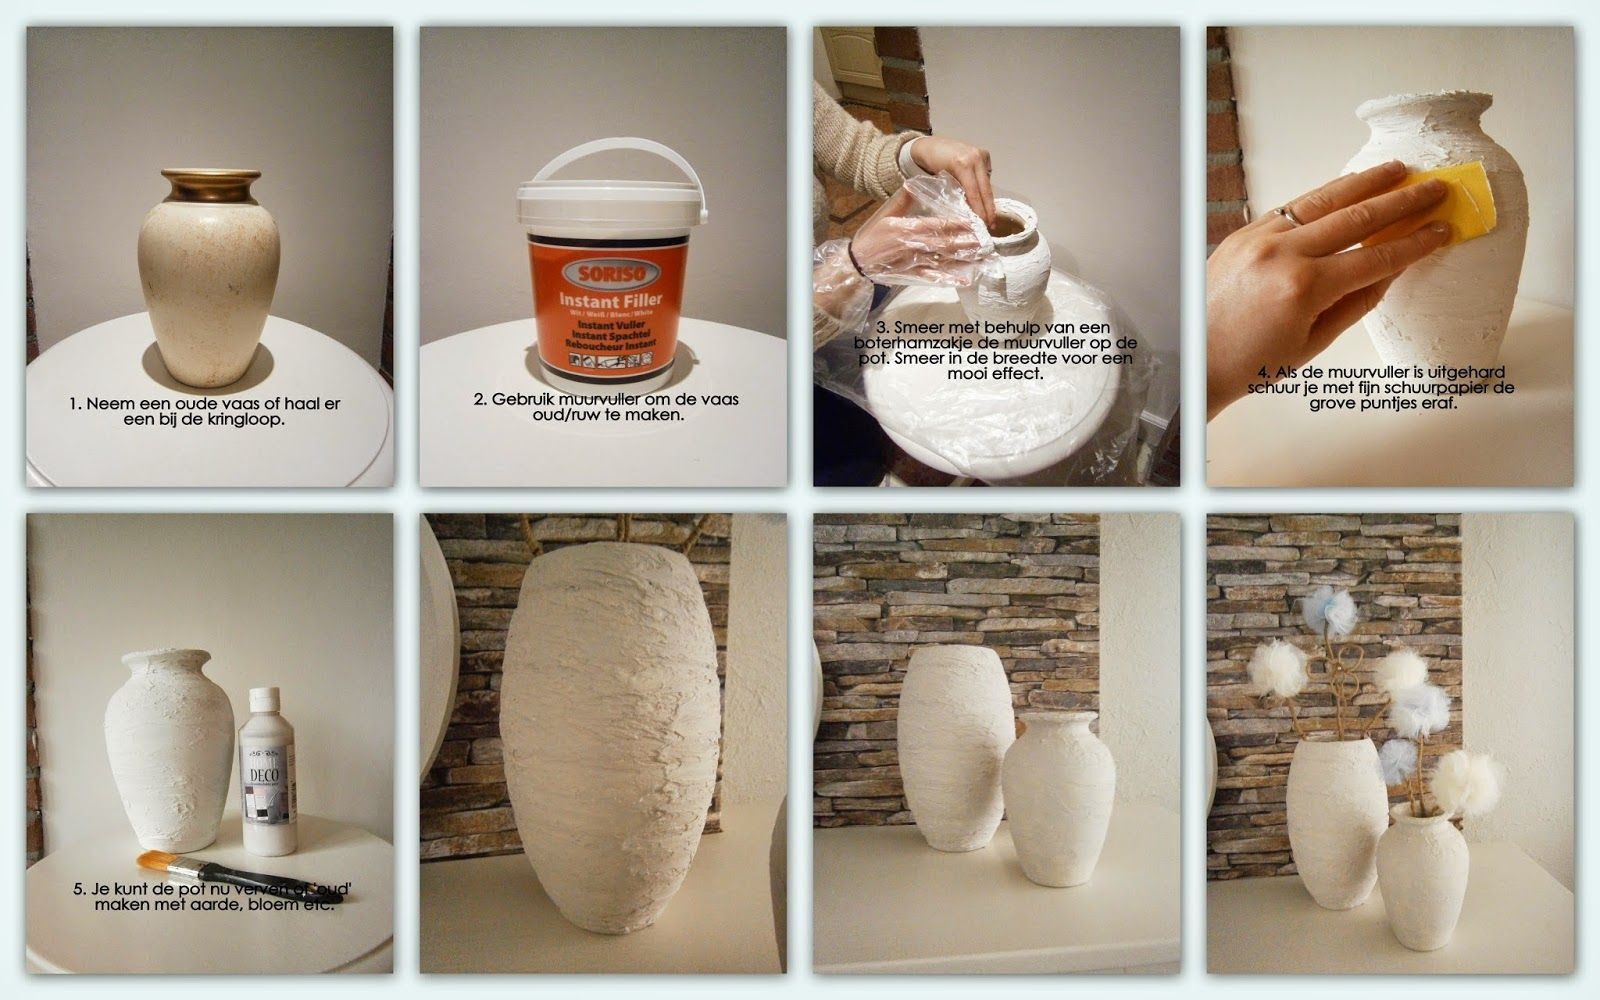 Nieuw Oude potten een stoere look geven! (met afbeeldingen) | Doe het UO-97